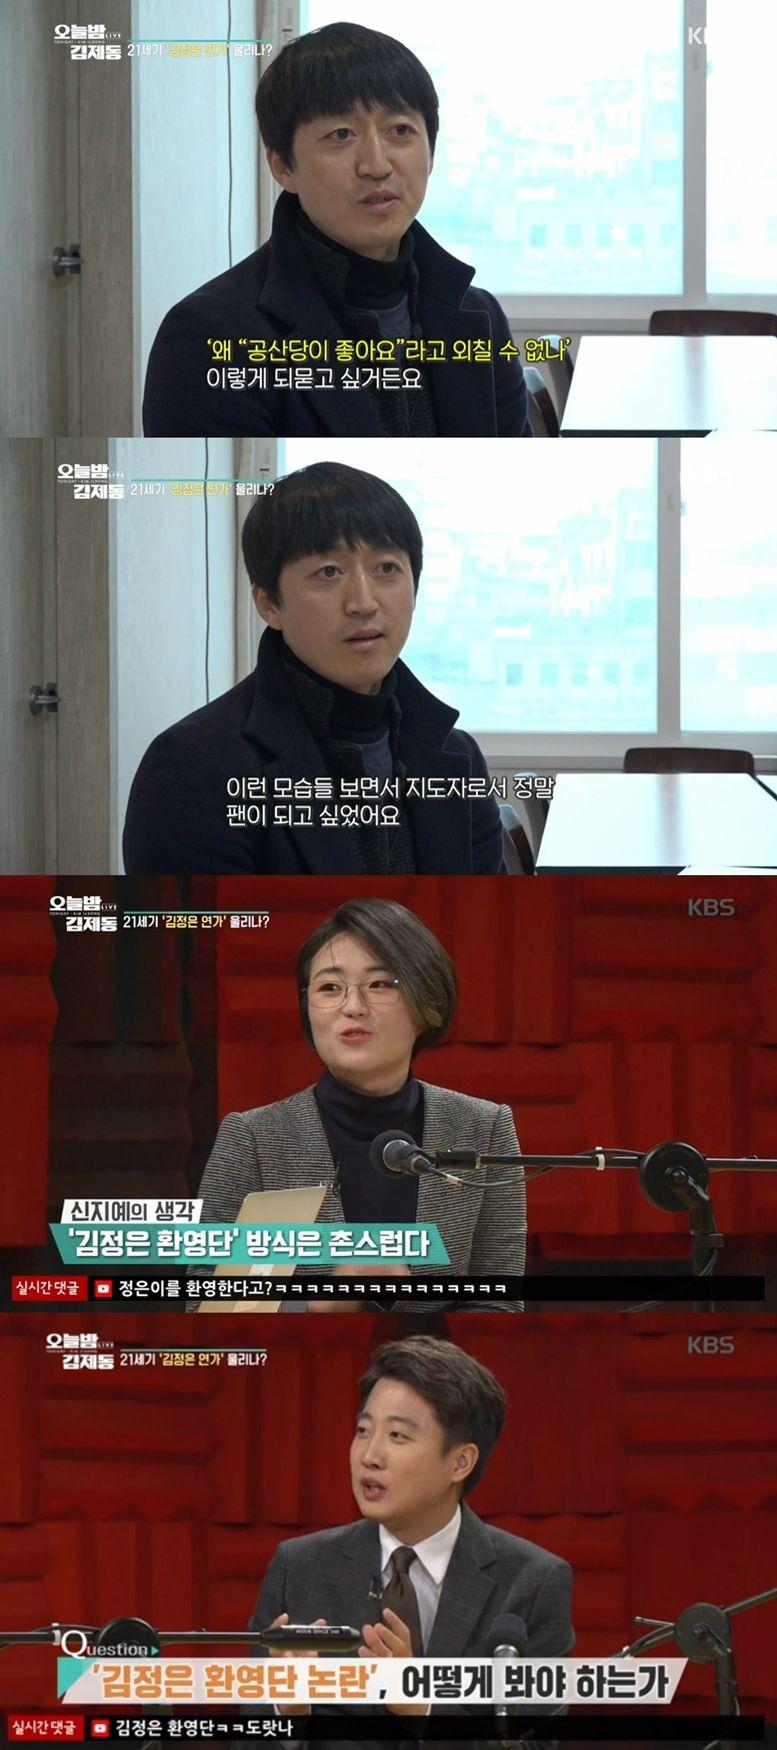 김정은 환영단 인터뷰한 '오늘밤 김제동', 심의 결과는